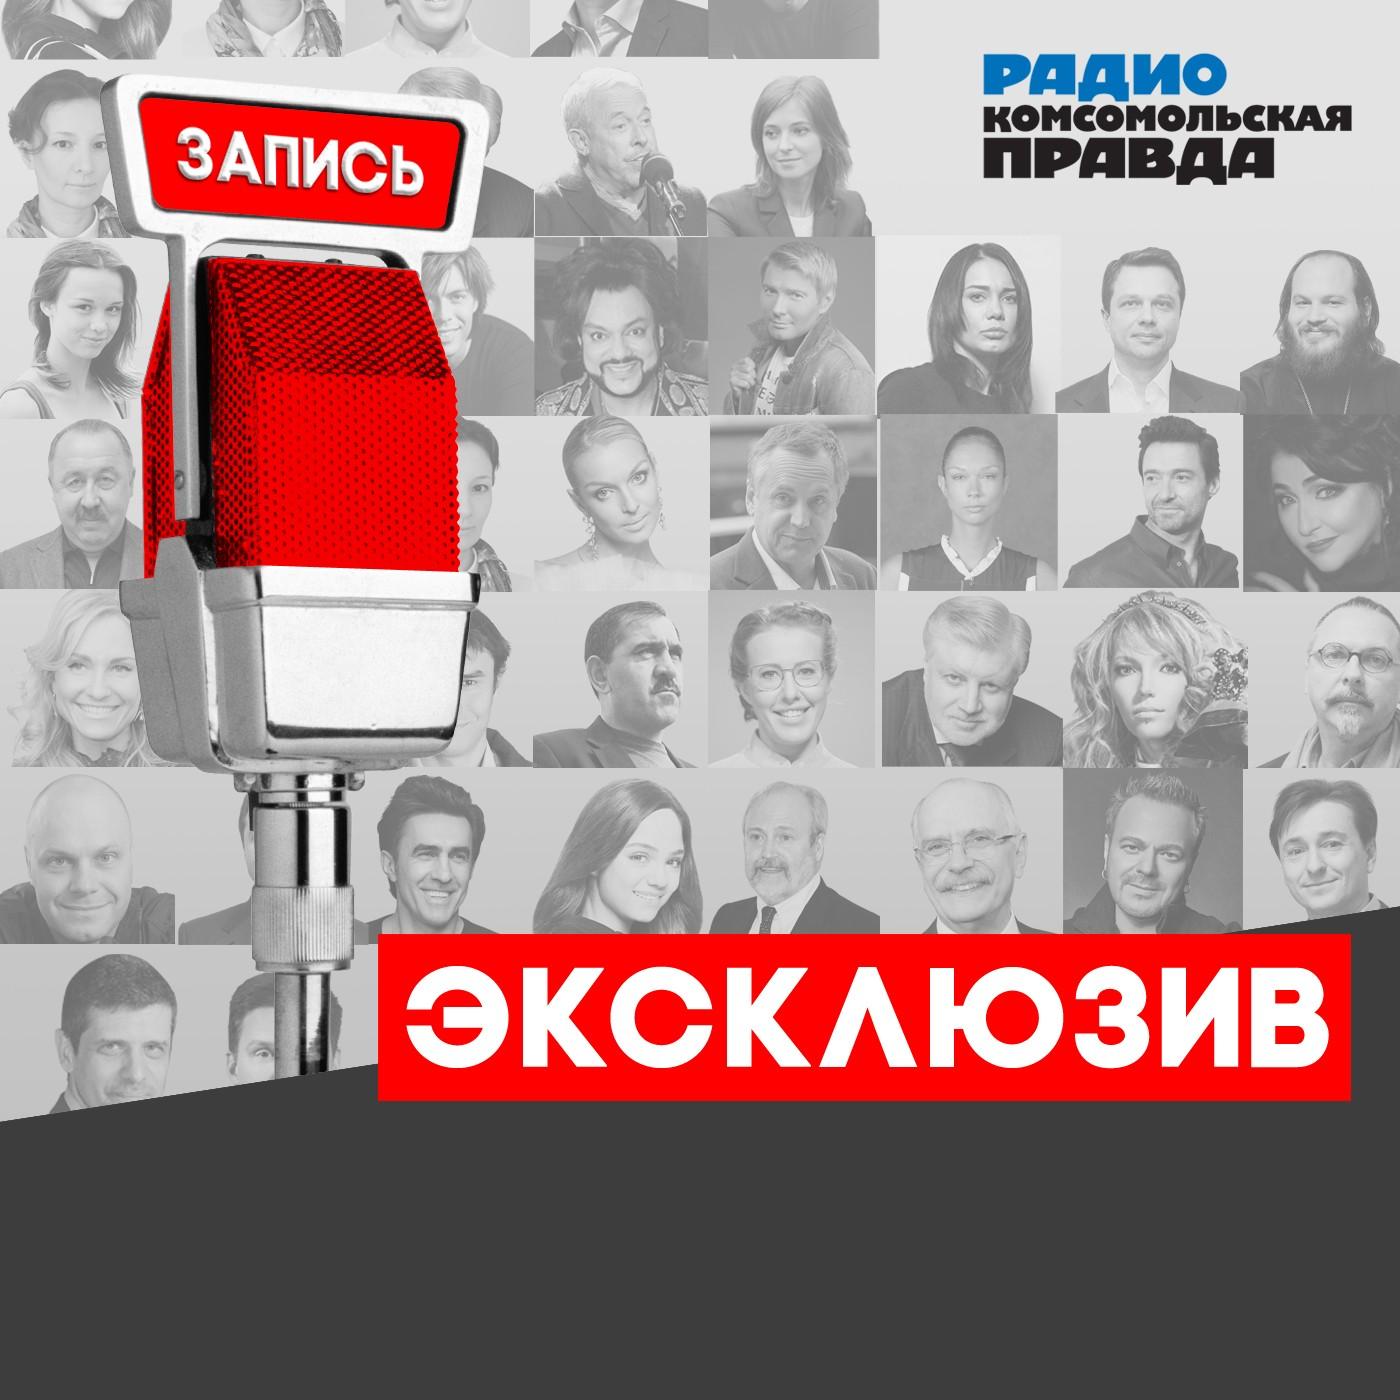 Радио «Комсомольская правда» Николай Азаров: Олланд и Меркель имеют дело с кровавым нацистским режимом цена и фото